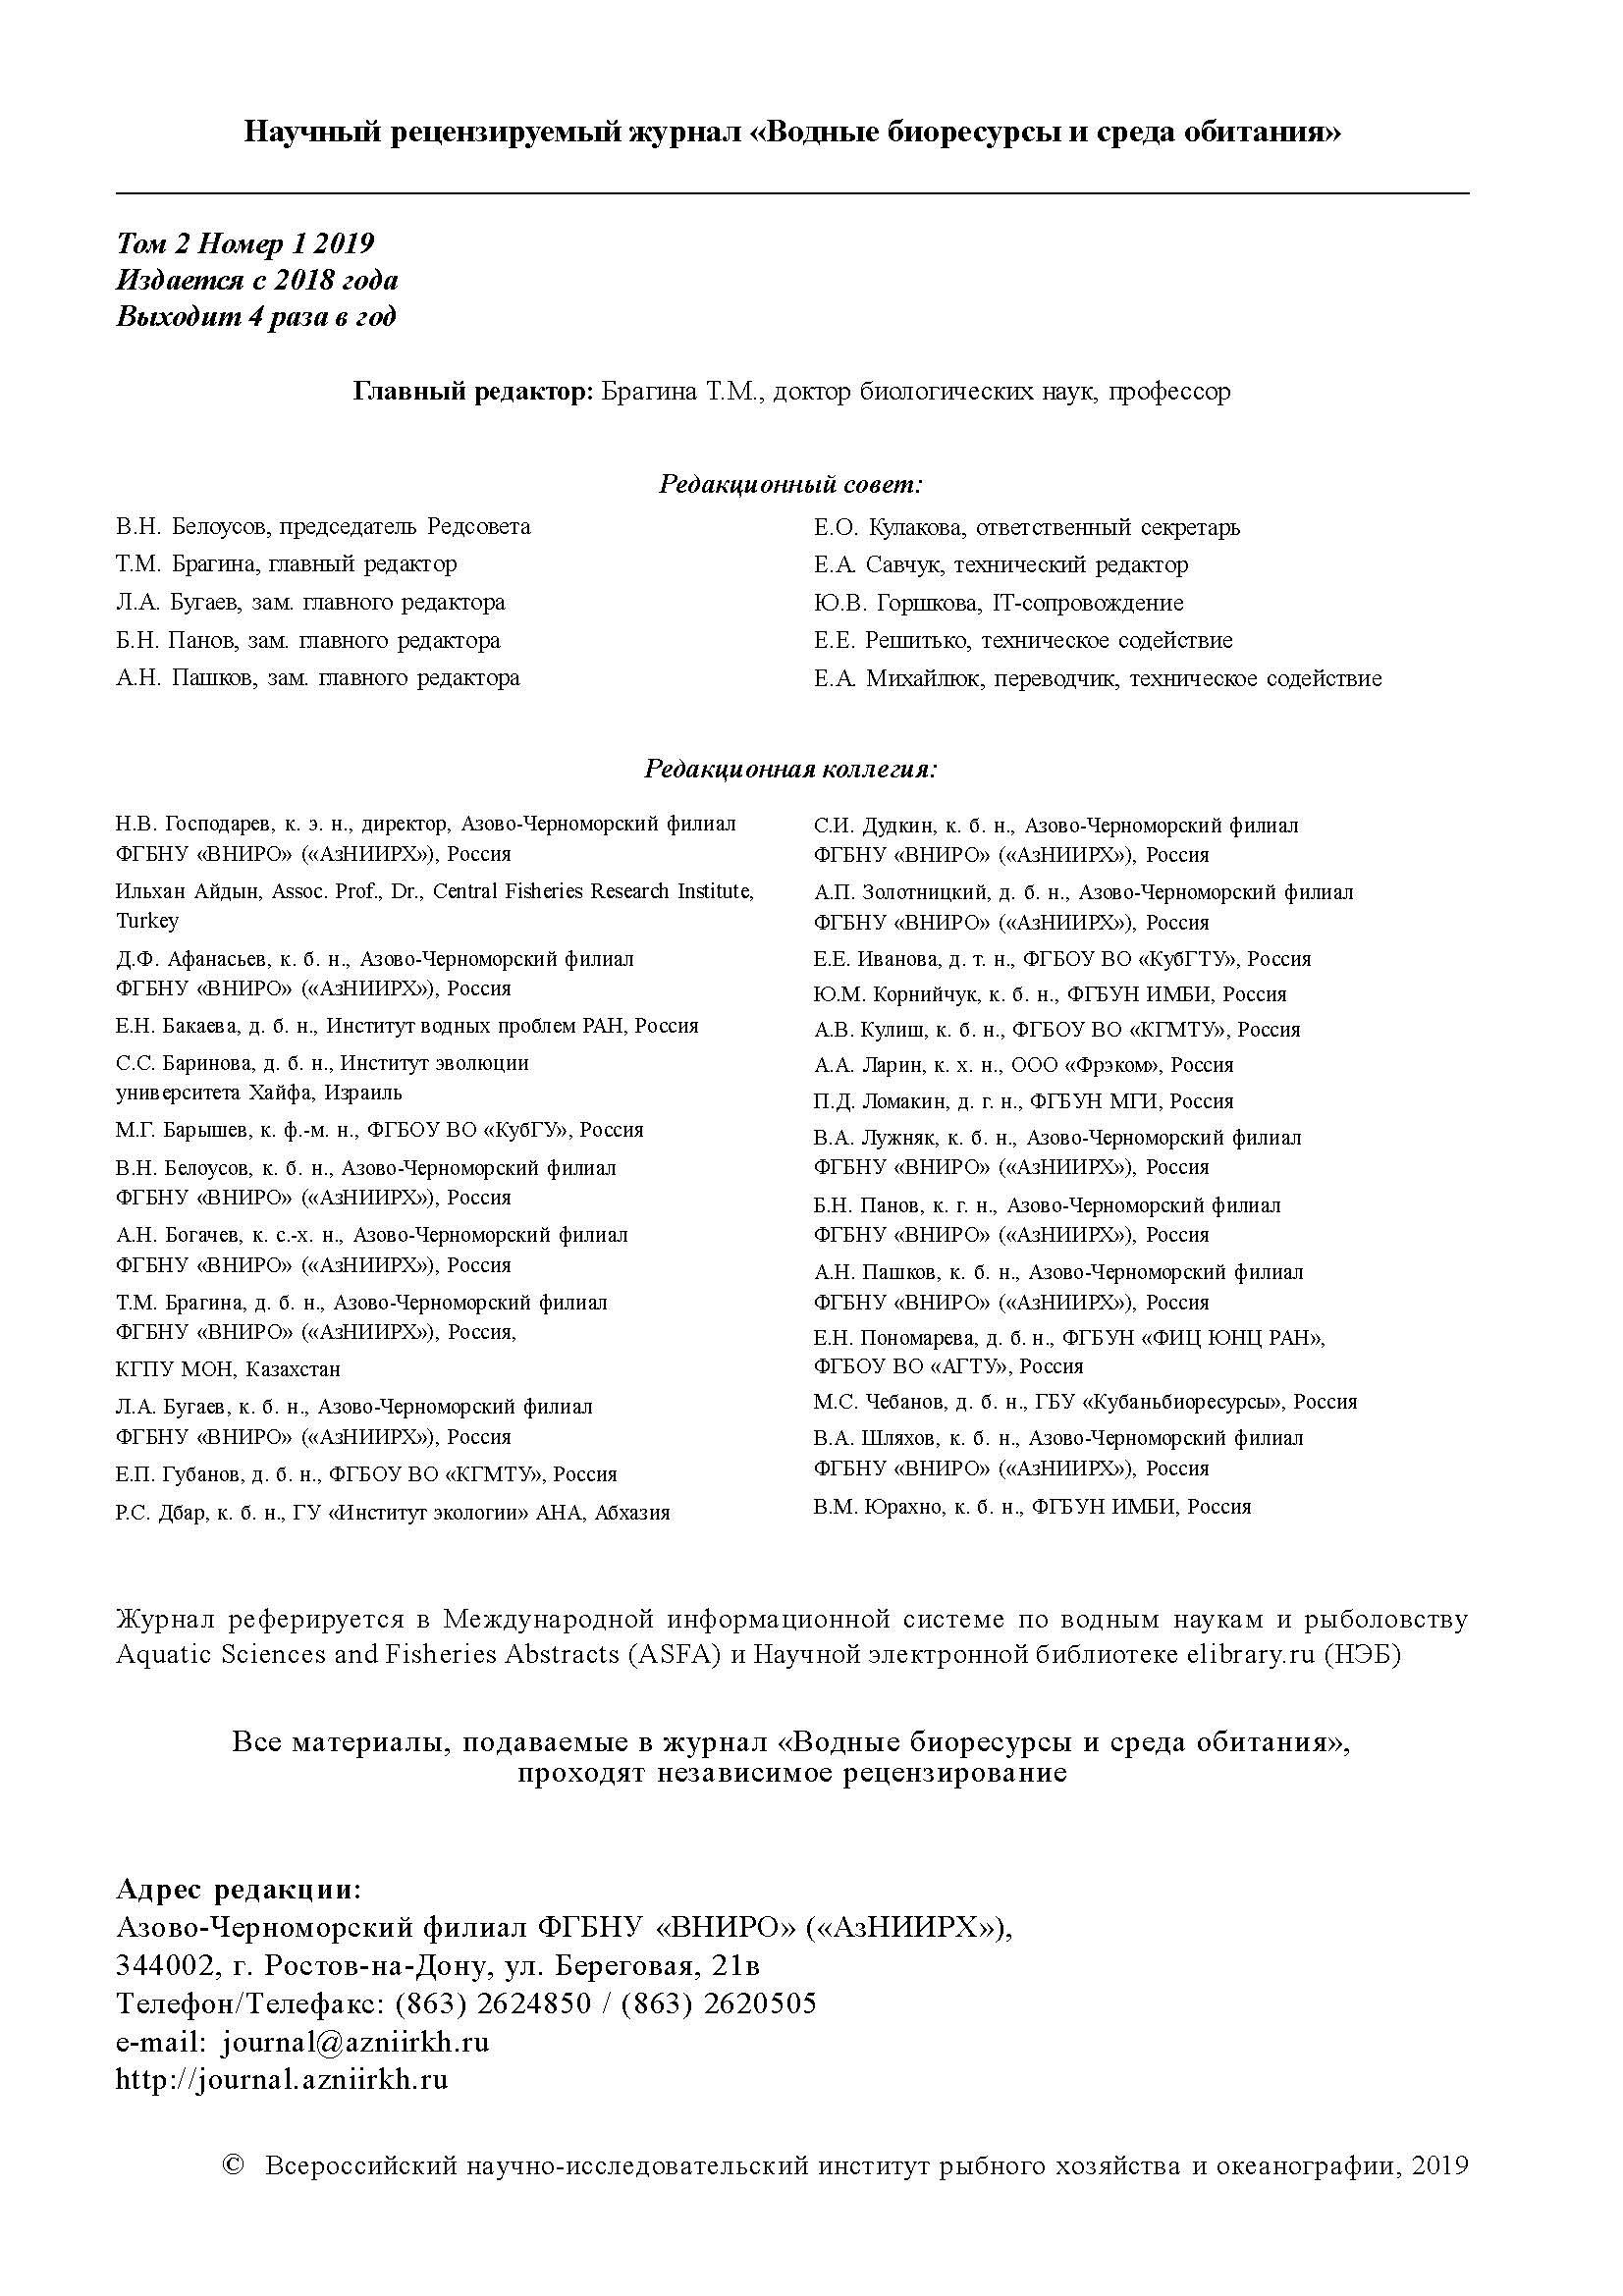 Aquatic Bioresources & Environment. Volume 2, Number 1, 2019